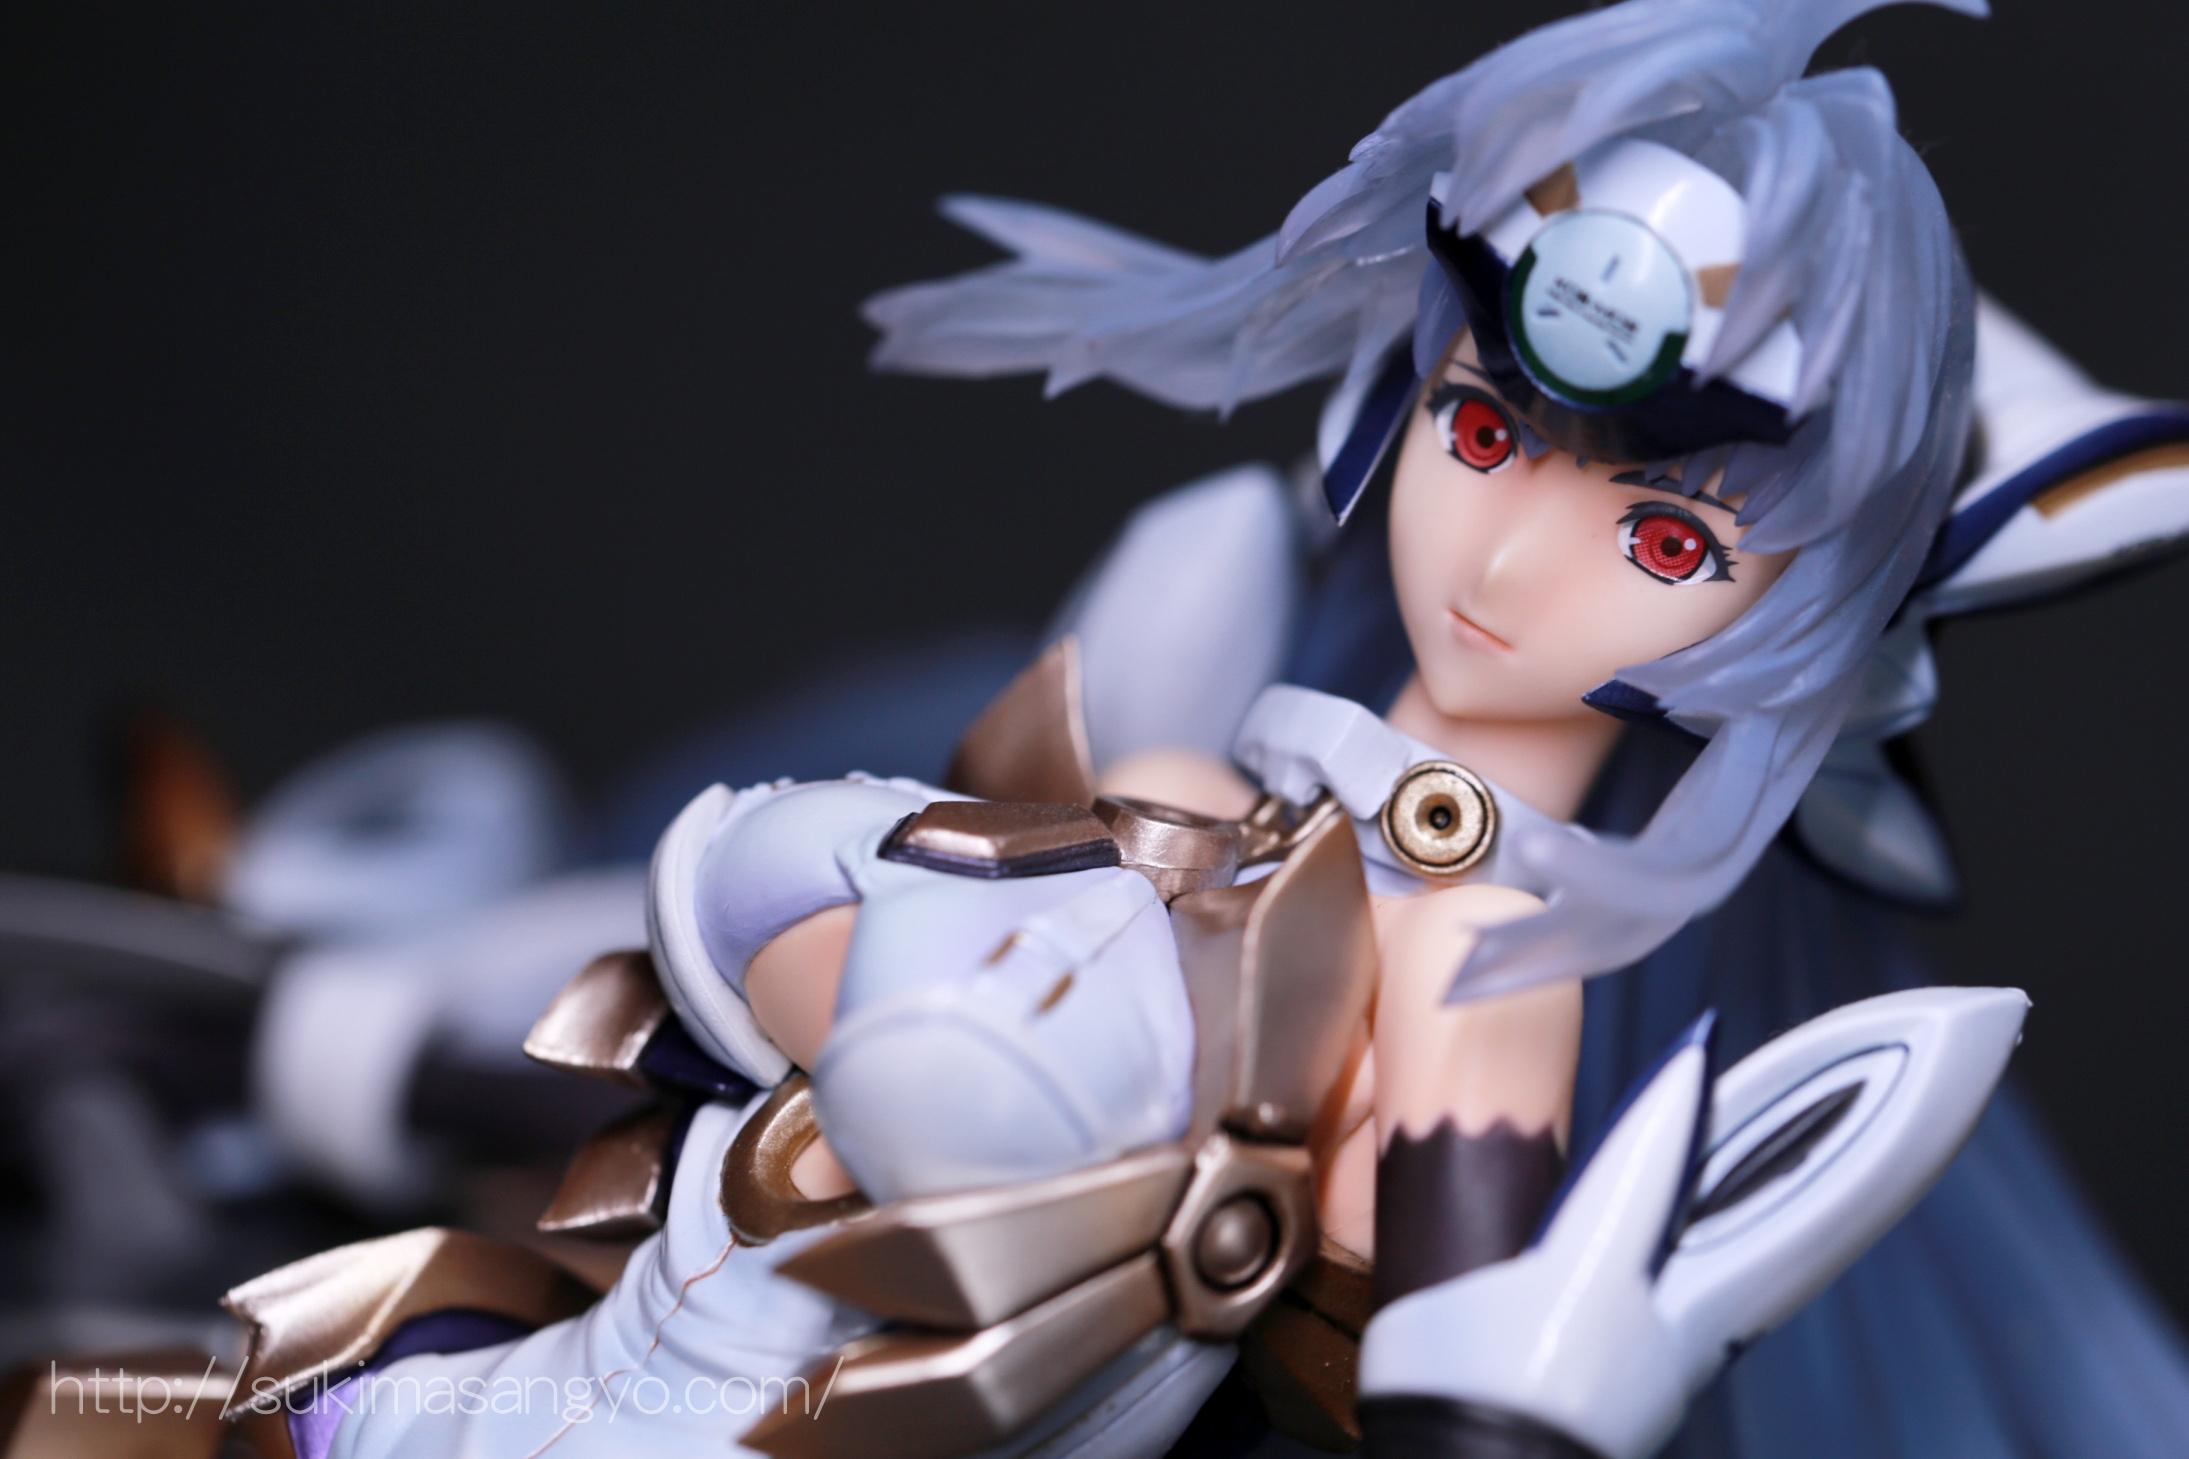 【レビュー】アルター-ゼノサーガⅢ-KOS-MOS Ver.4